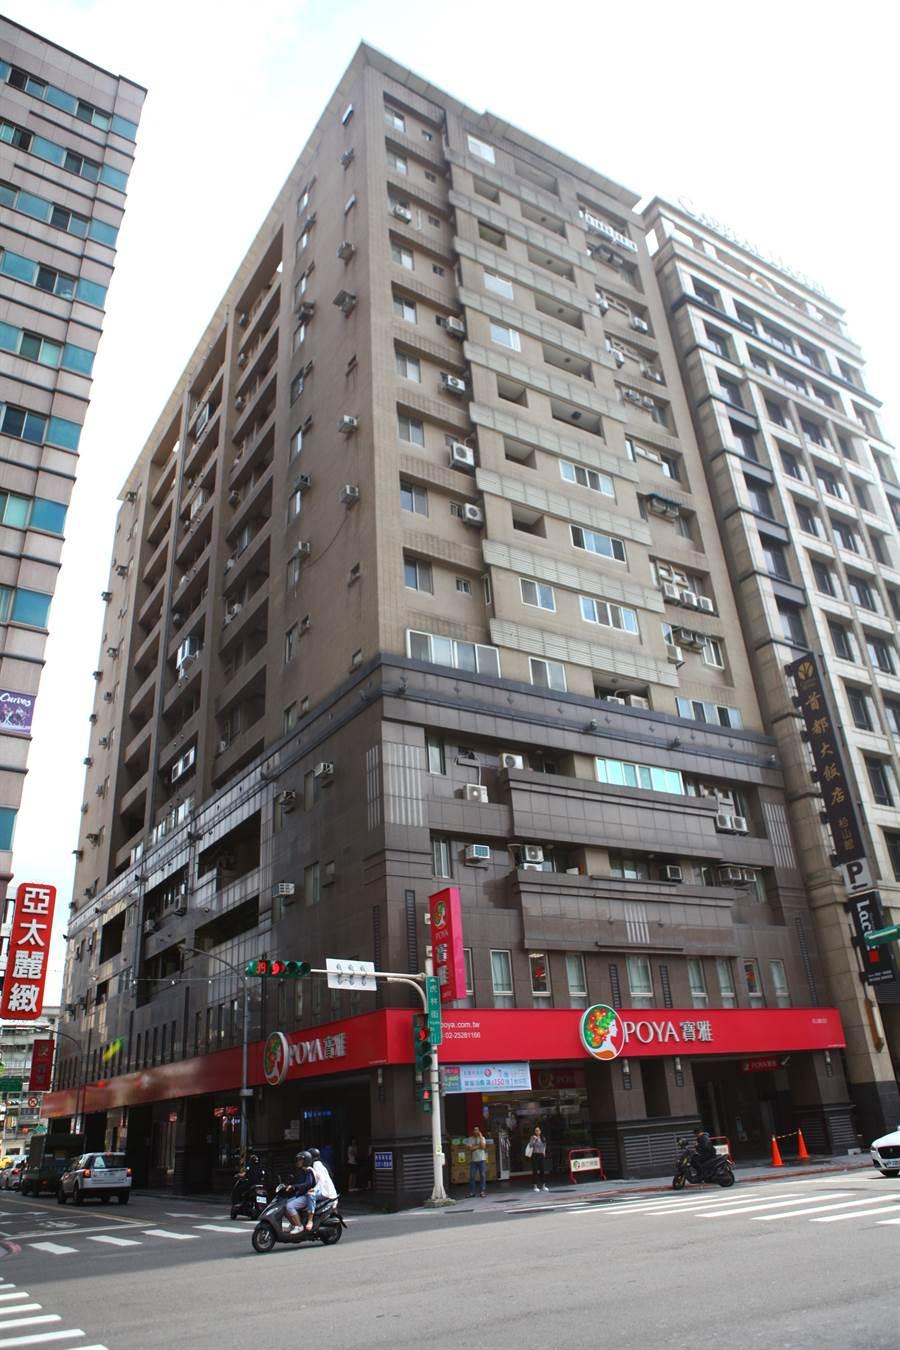 台北市東星大樓原地重建後,1樓進駐寶雅生活用品,人來人往相當熱鬧。(圖/中時資料照)